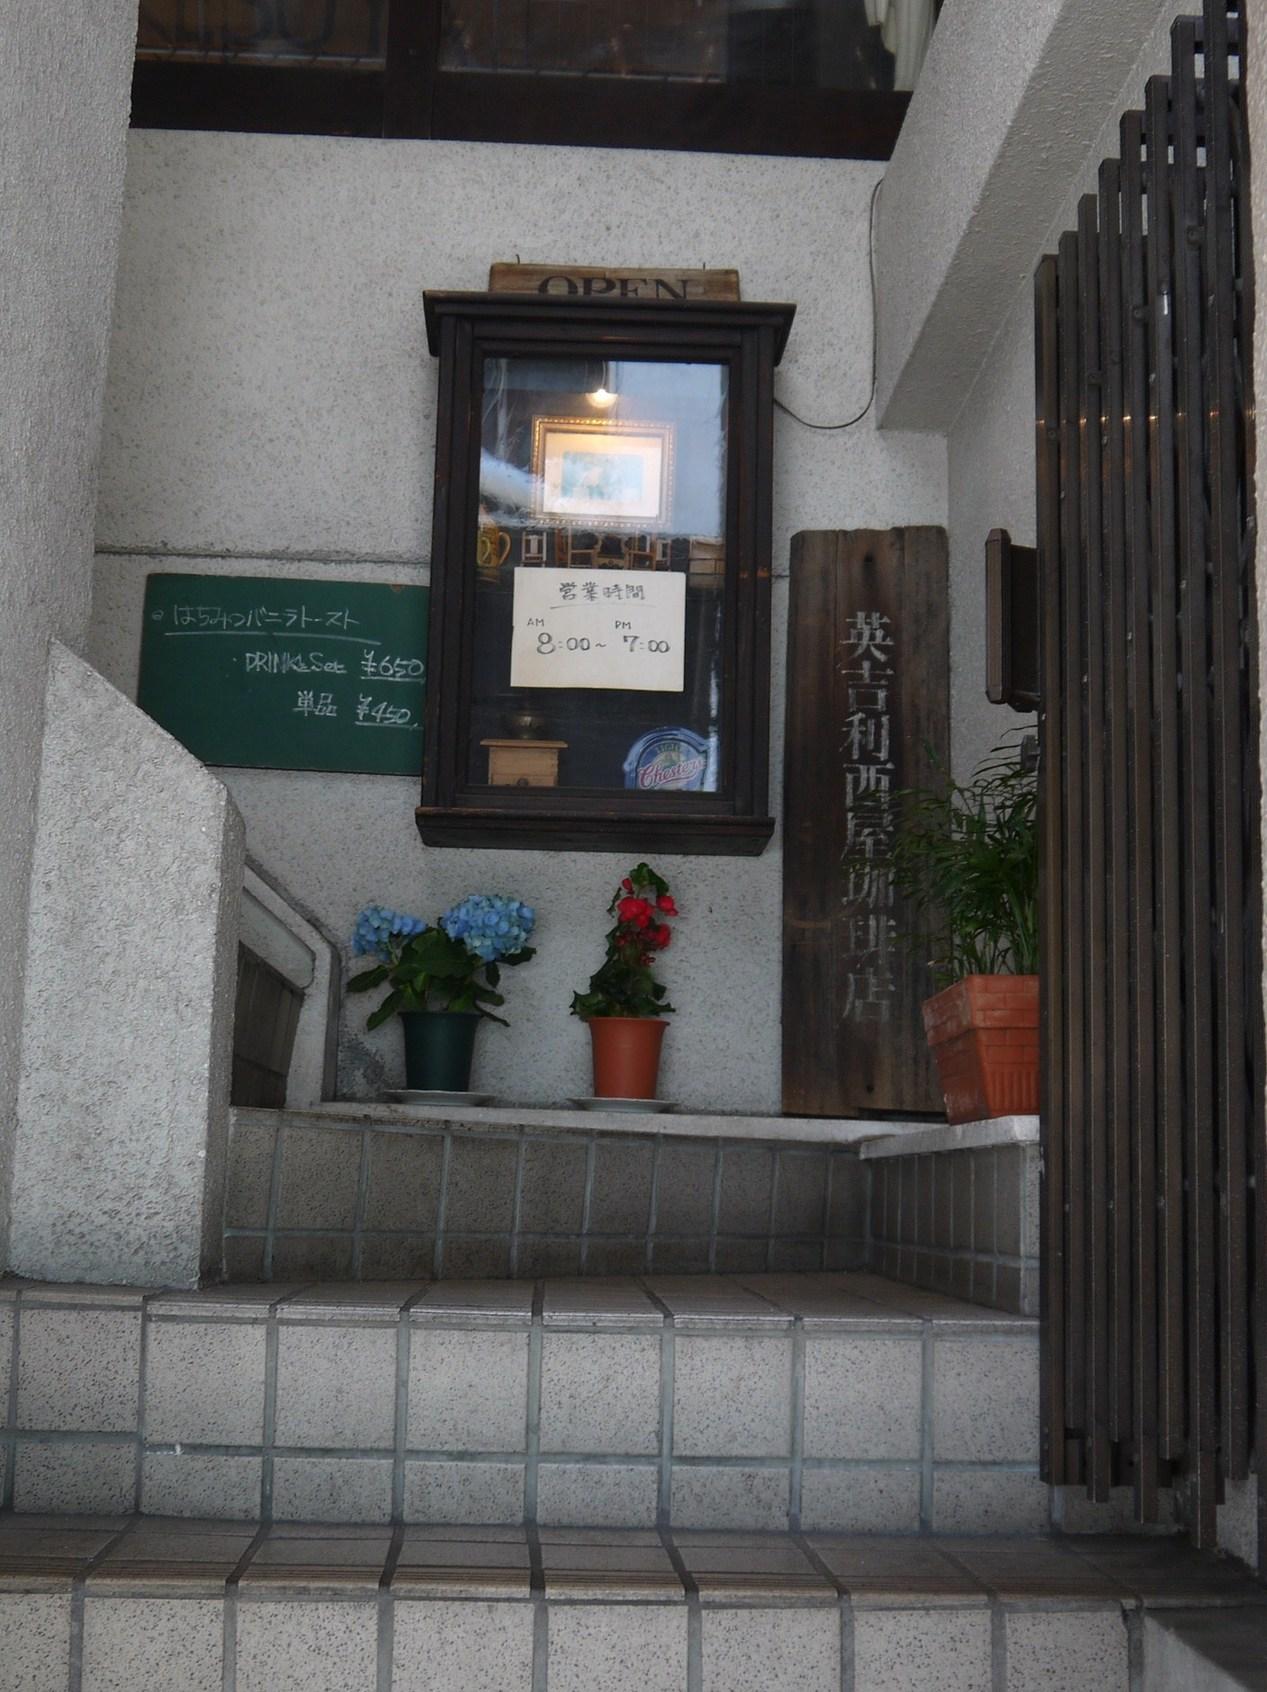 英吉利西屋珈琲店